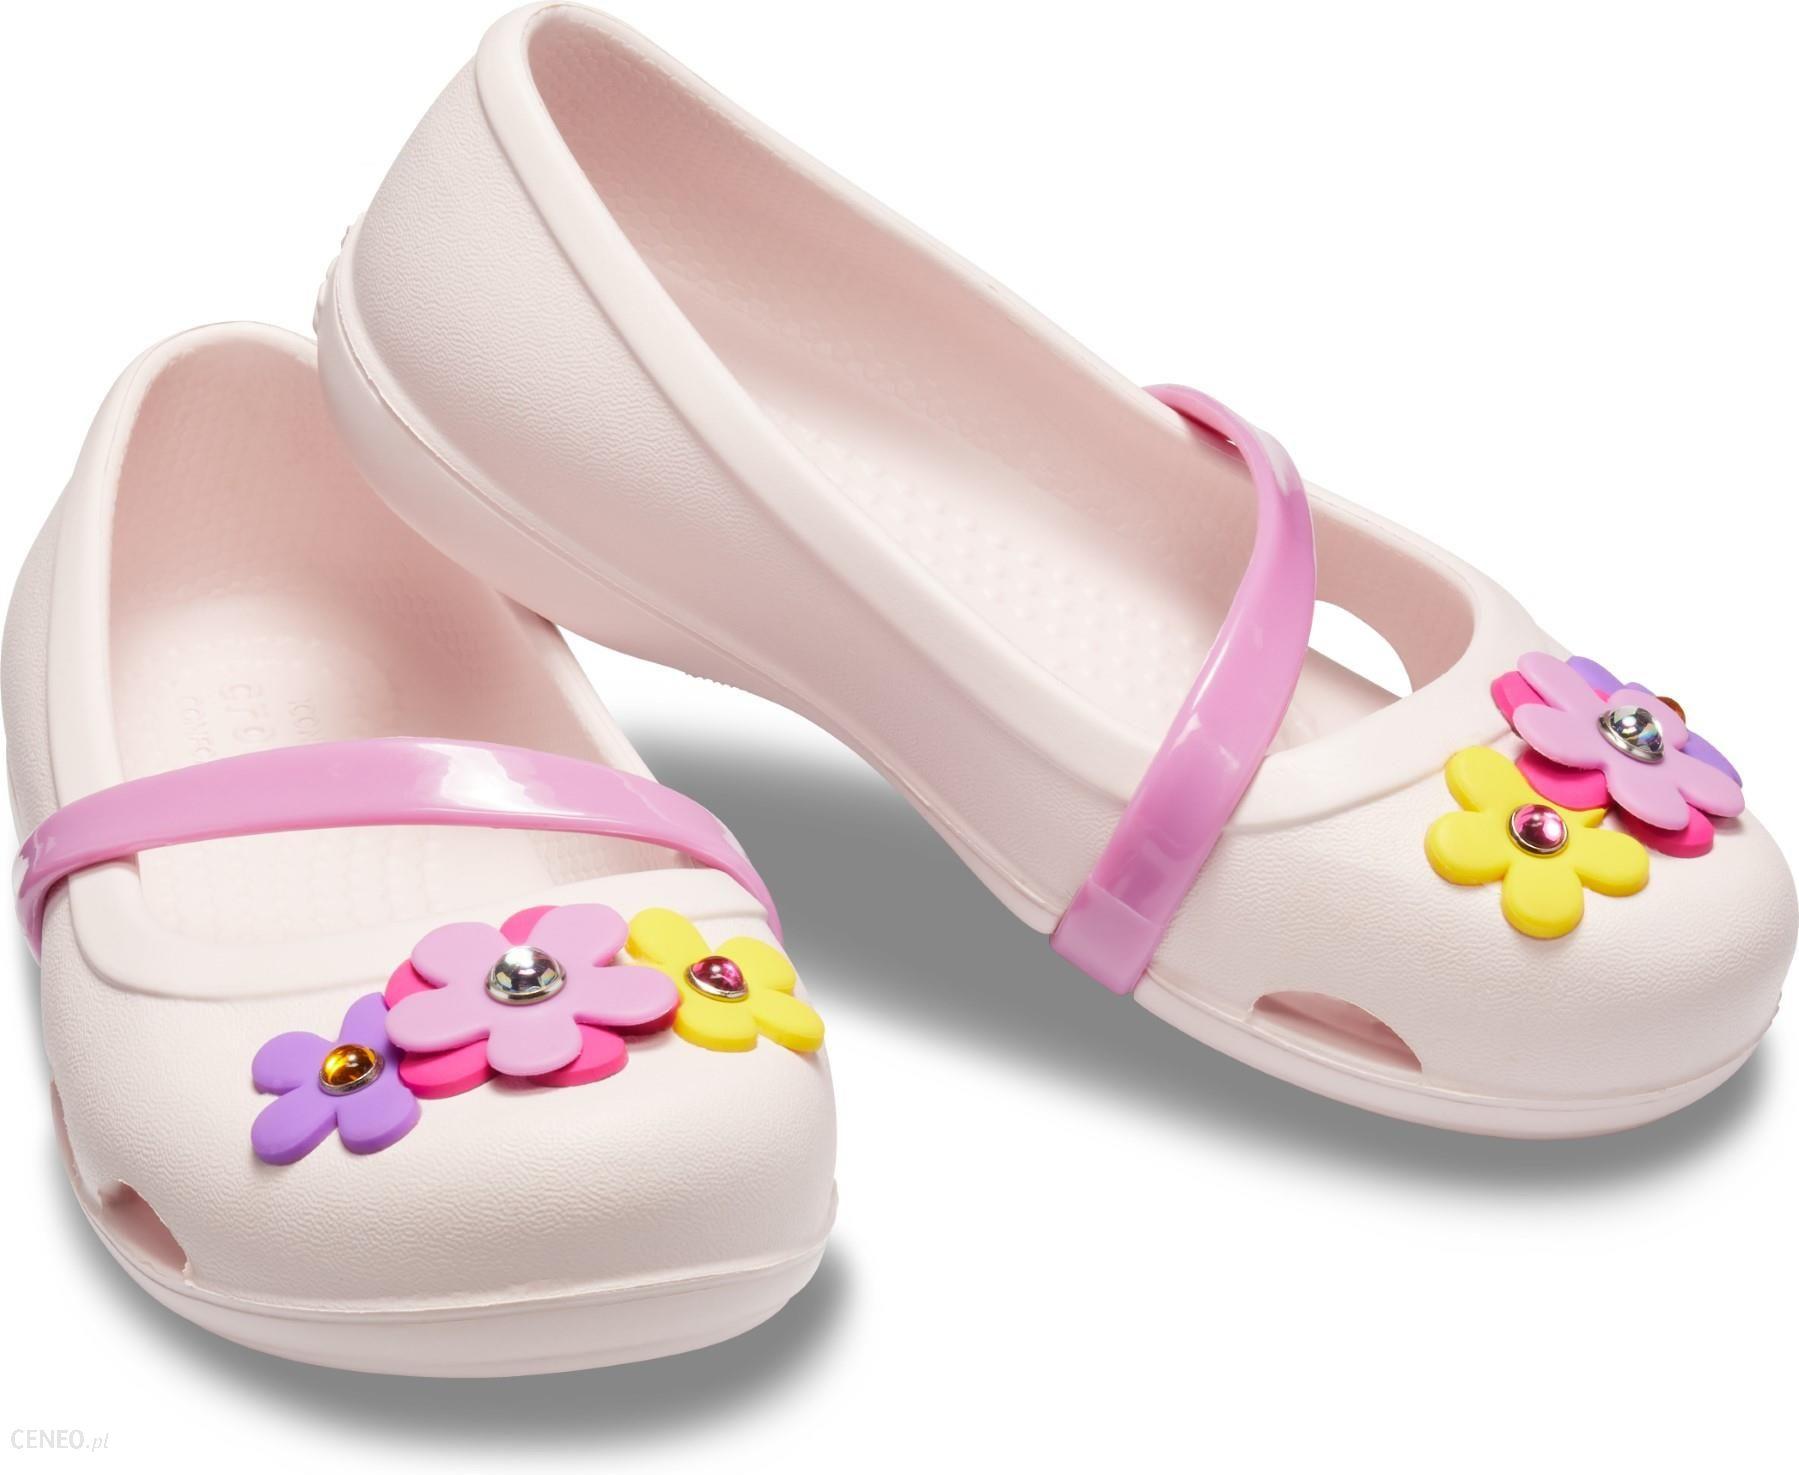 wspaniały wygląd najlepszy hurtownik Nowa kolekcja Crocs różowe dziewczęce balerinki Lina Charm Flat Barely Pink - C10 - Ceny  i opinie - Ceneo.pl